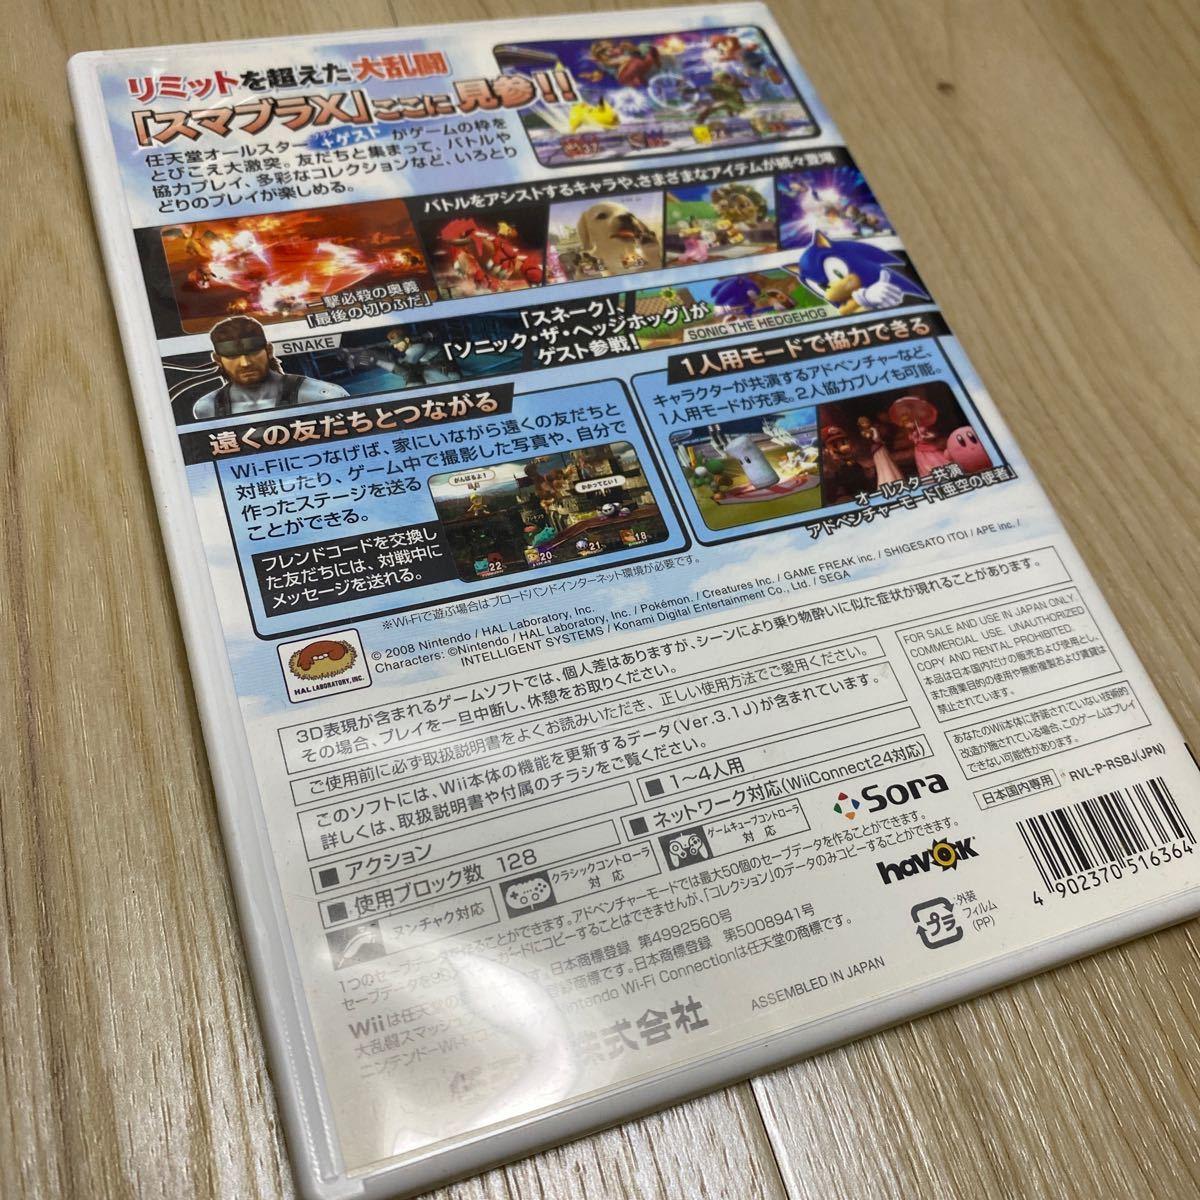 【Wii】 大乱闘スマッシュブラザーズX